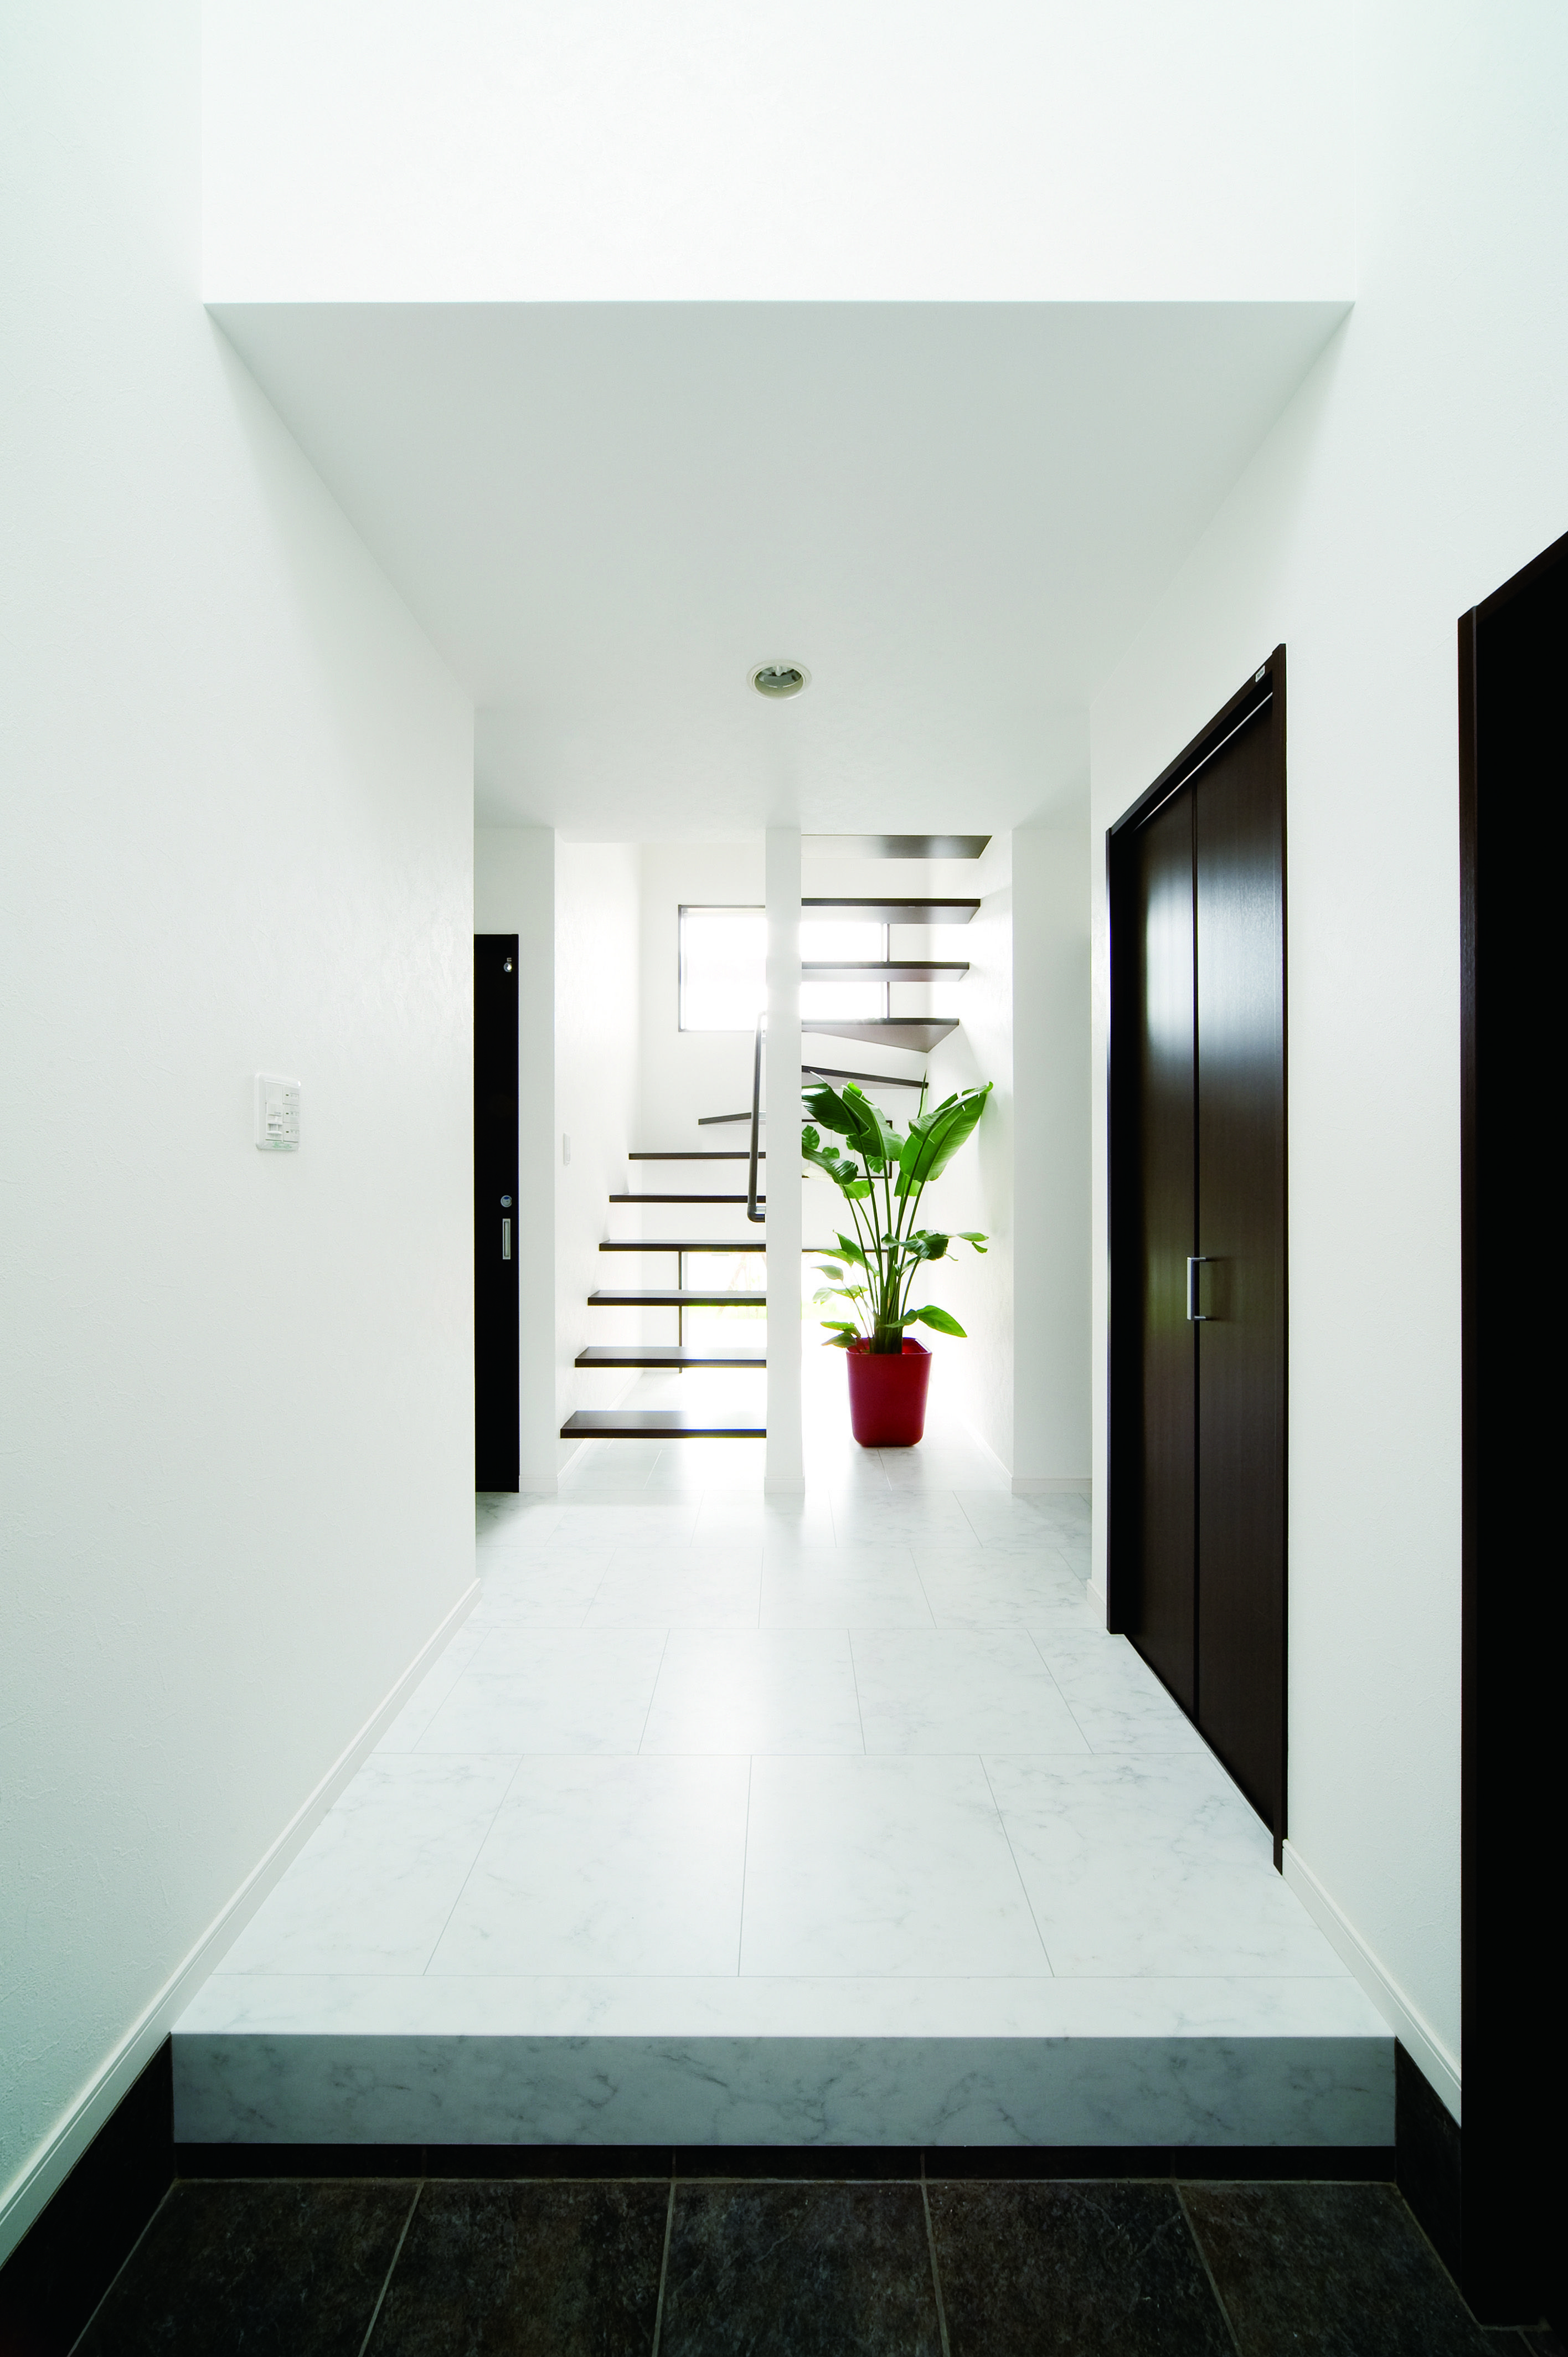 3つのハコでできた中庭ハウス 注文住宅 デザイン住宅のコンフォート建築設計工房株式会社 ヴィンテージインテリアデザイン 玄関 内装 家